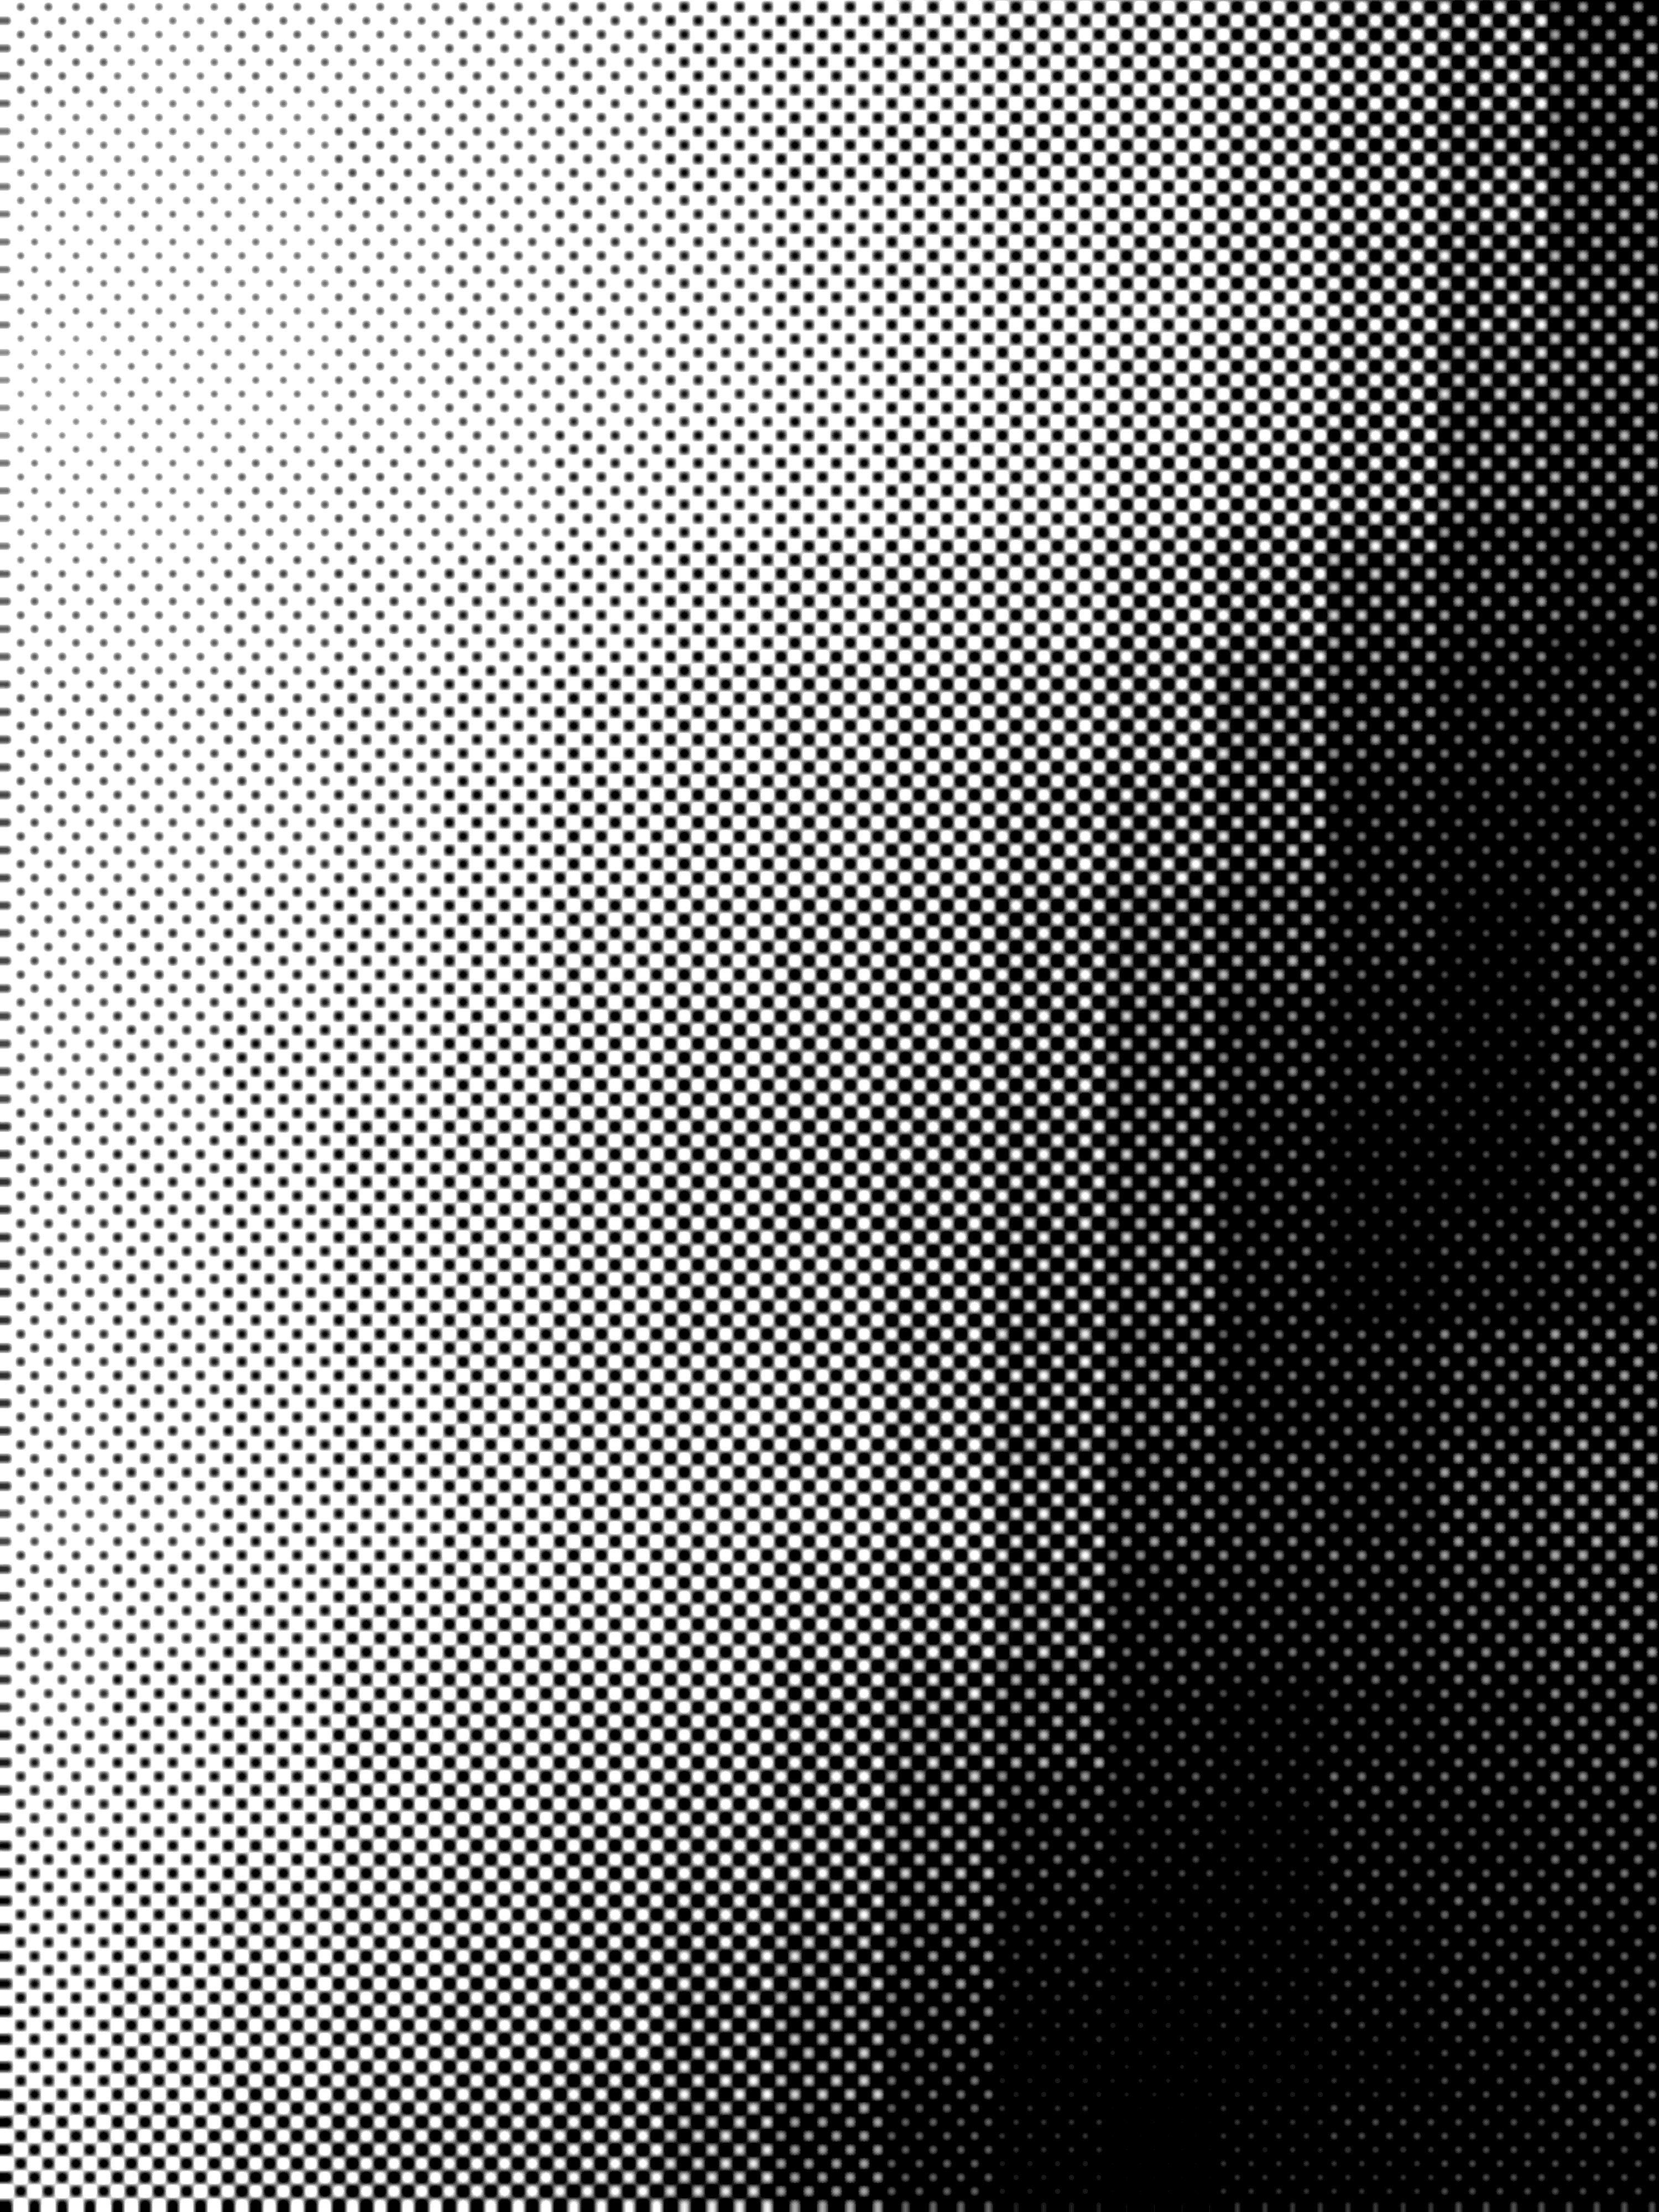 Download Image Of Half Tone Pixel Background Pixel